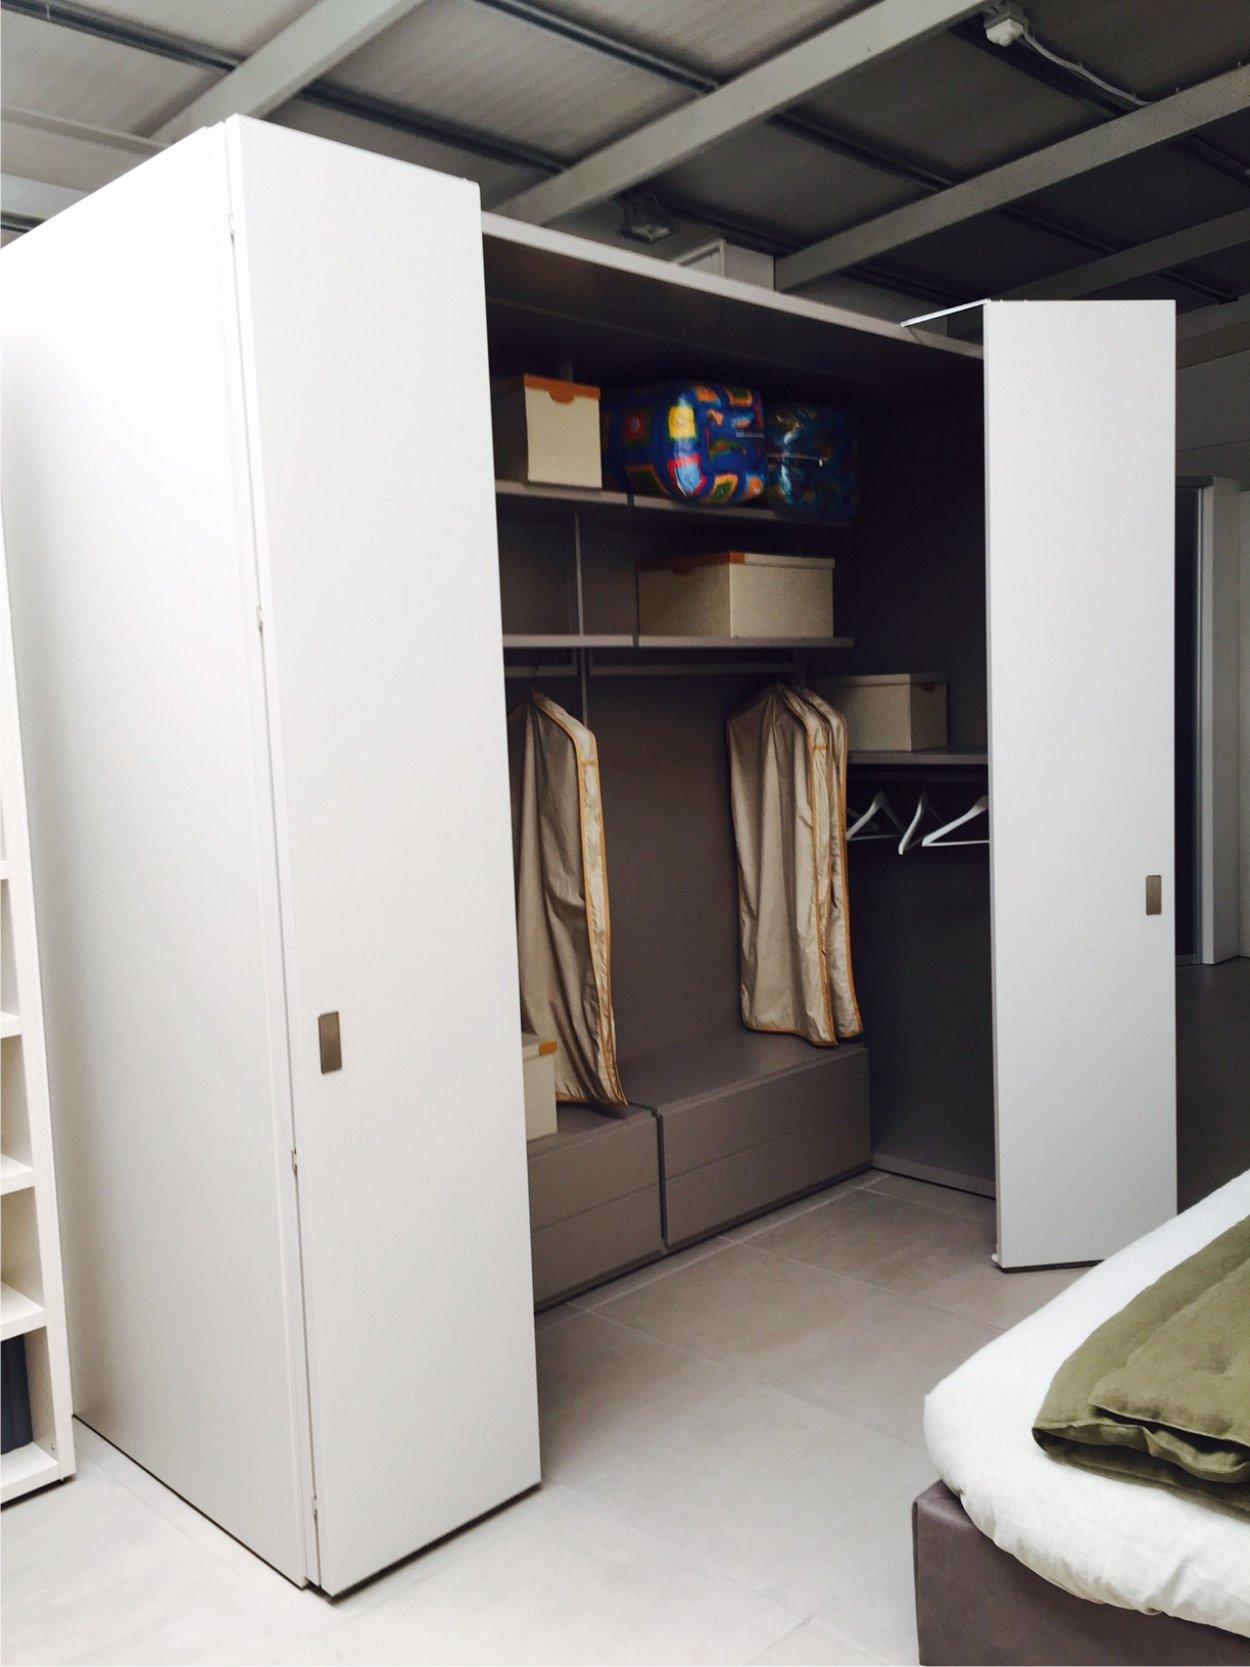 Cabina armadio camerino di caccaro offerte outlet - Misure armadio camera da letto ...